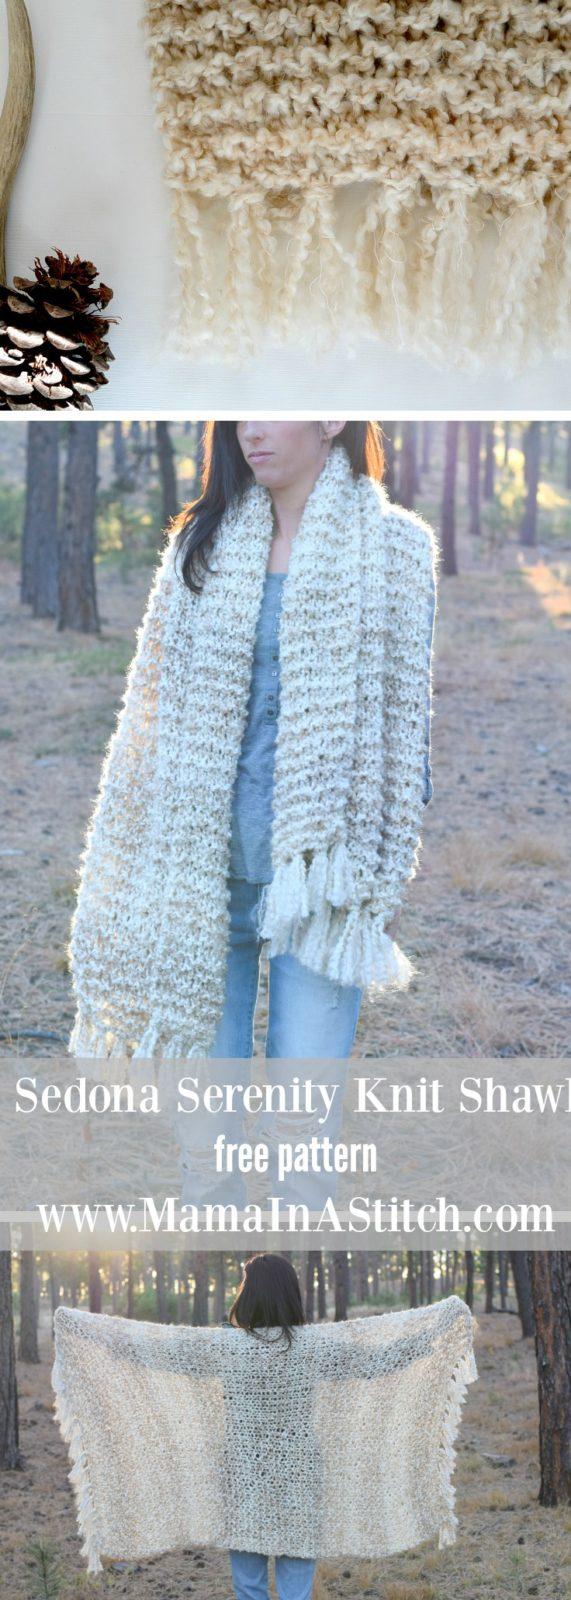 Sedona Serenity Knit Shawl Pattern – Mama In A Stitch